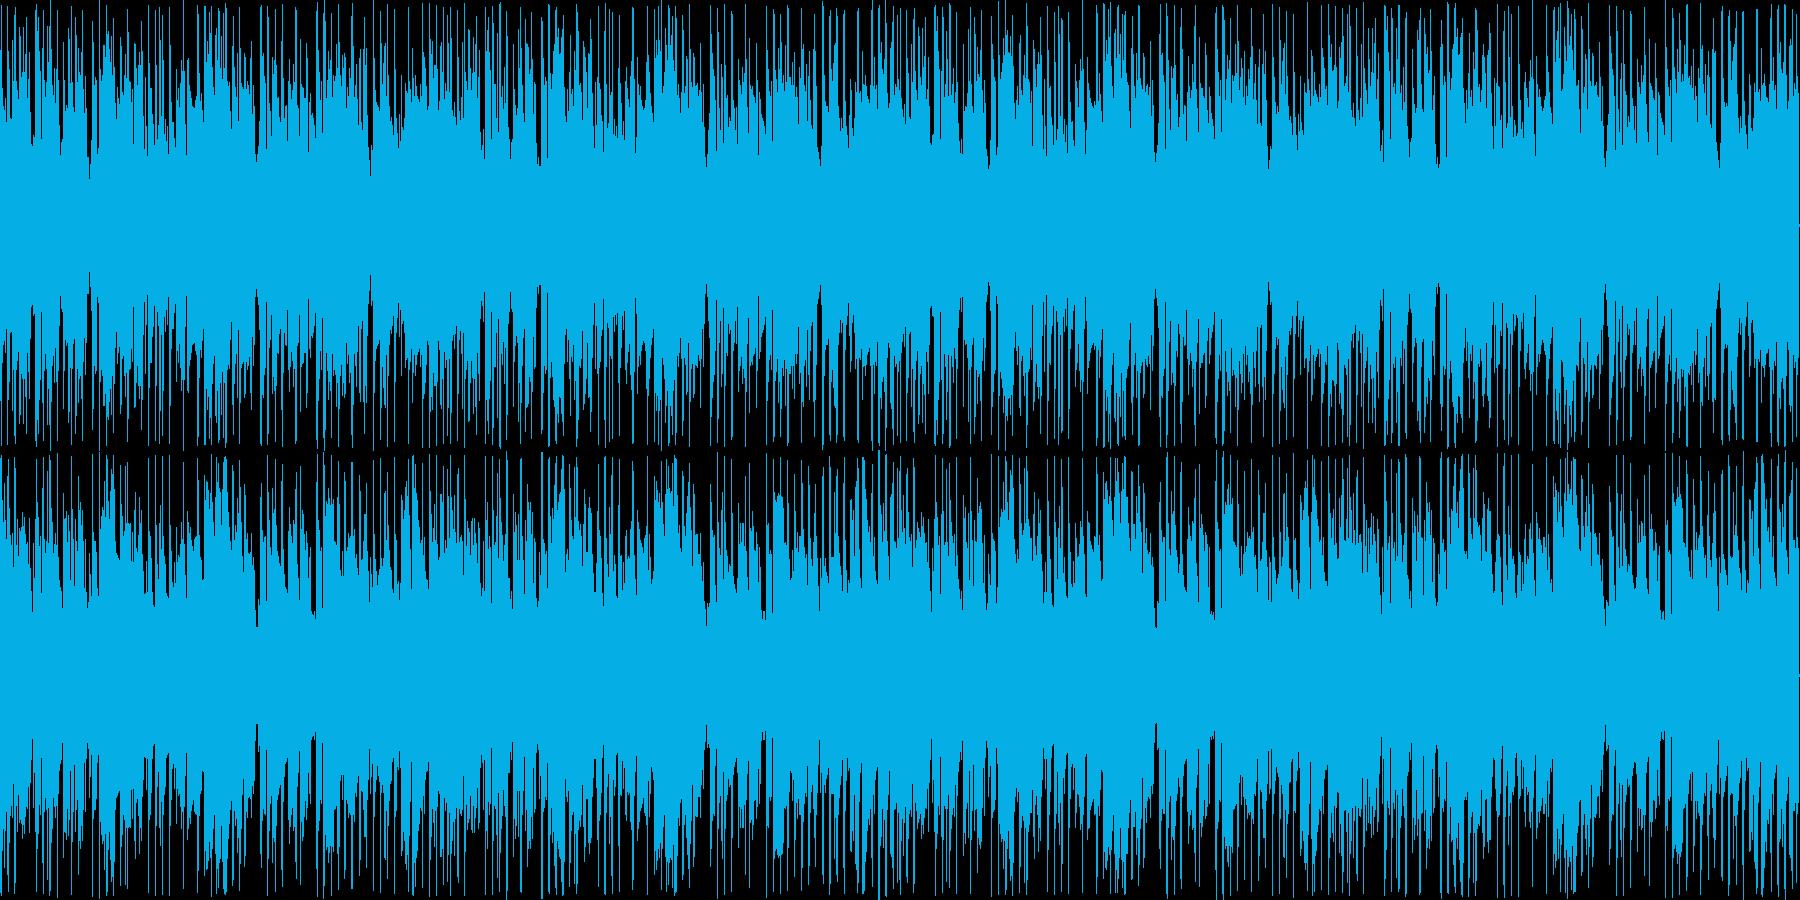 キラキラ元気でかわいらしさのある楽曲の再生済みの波形